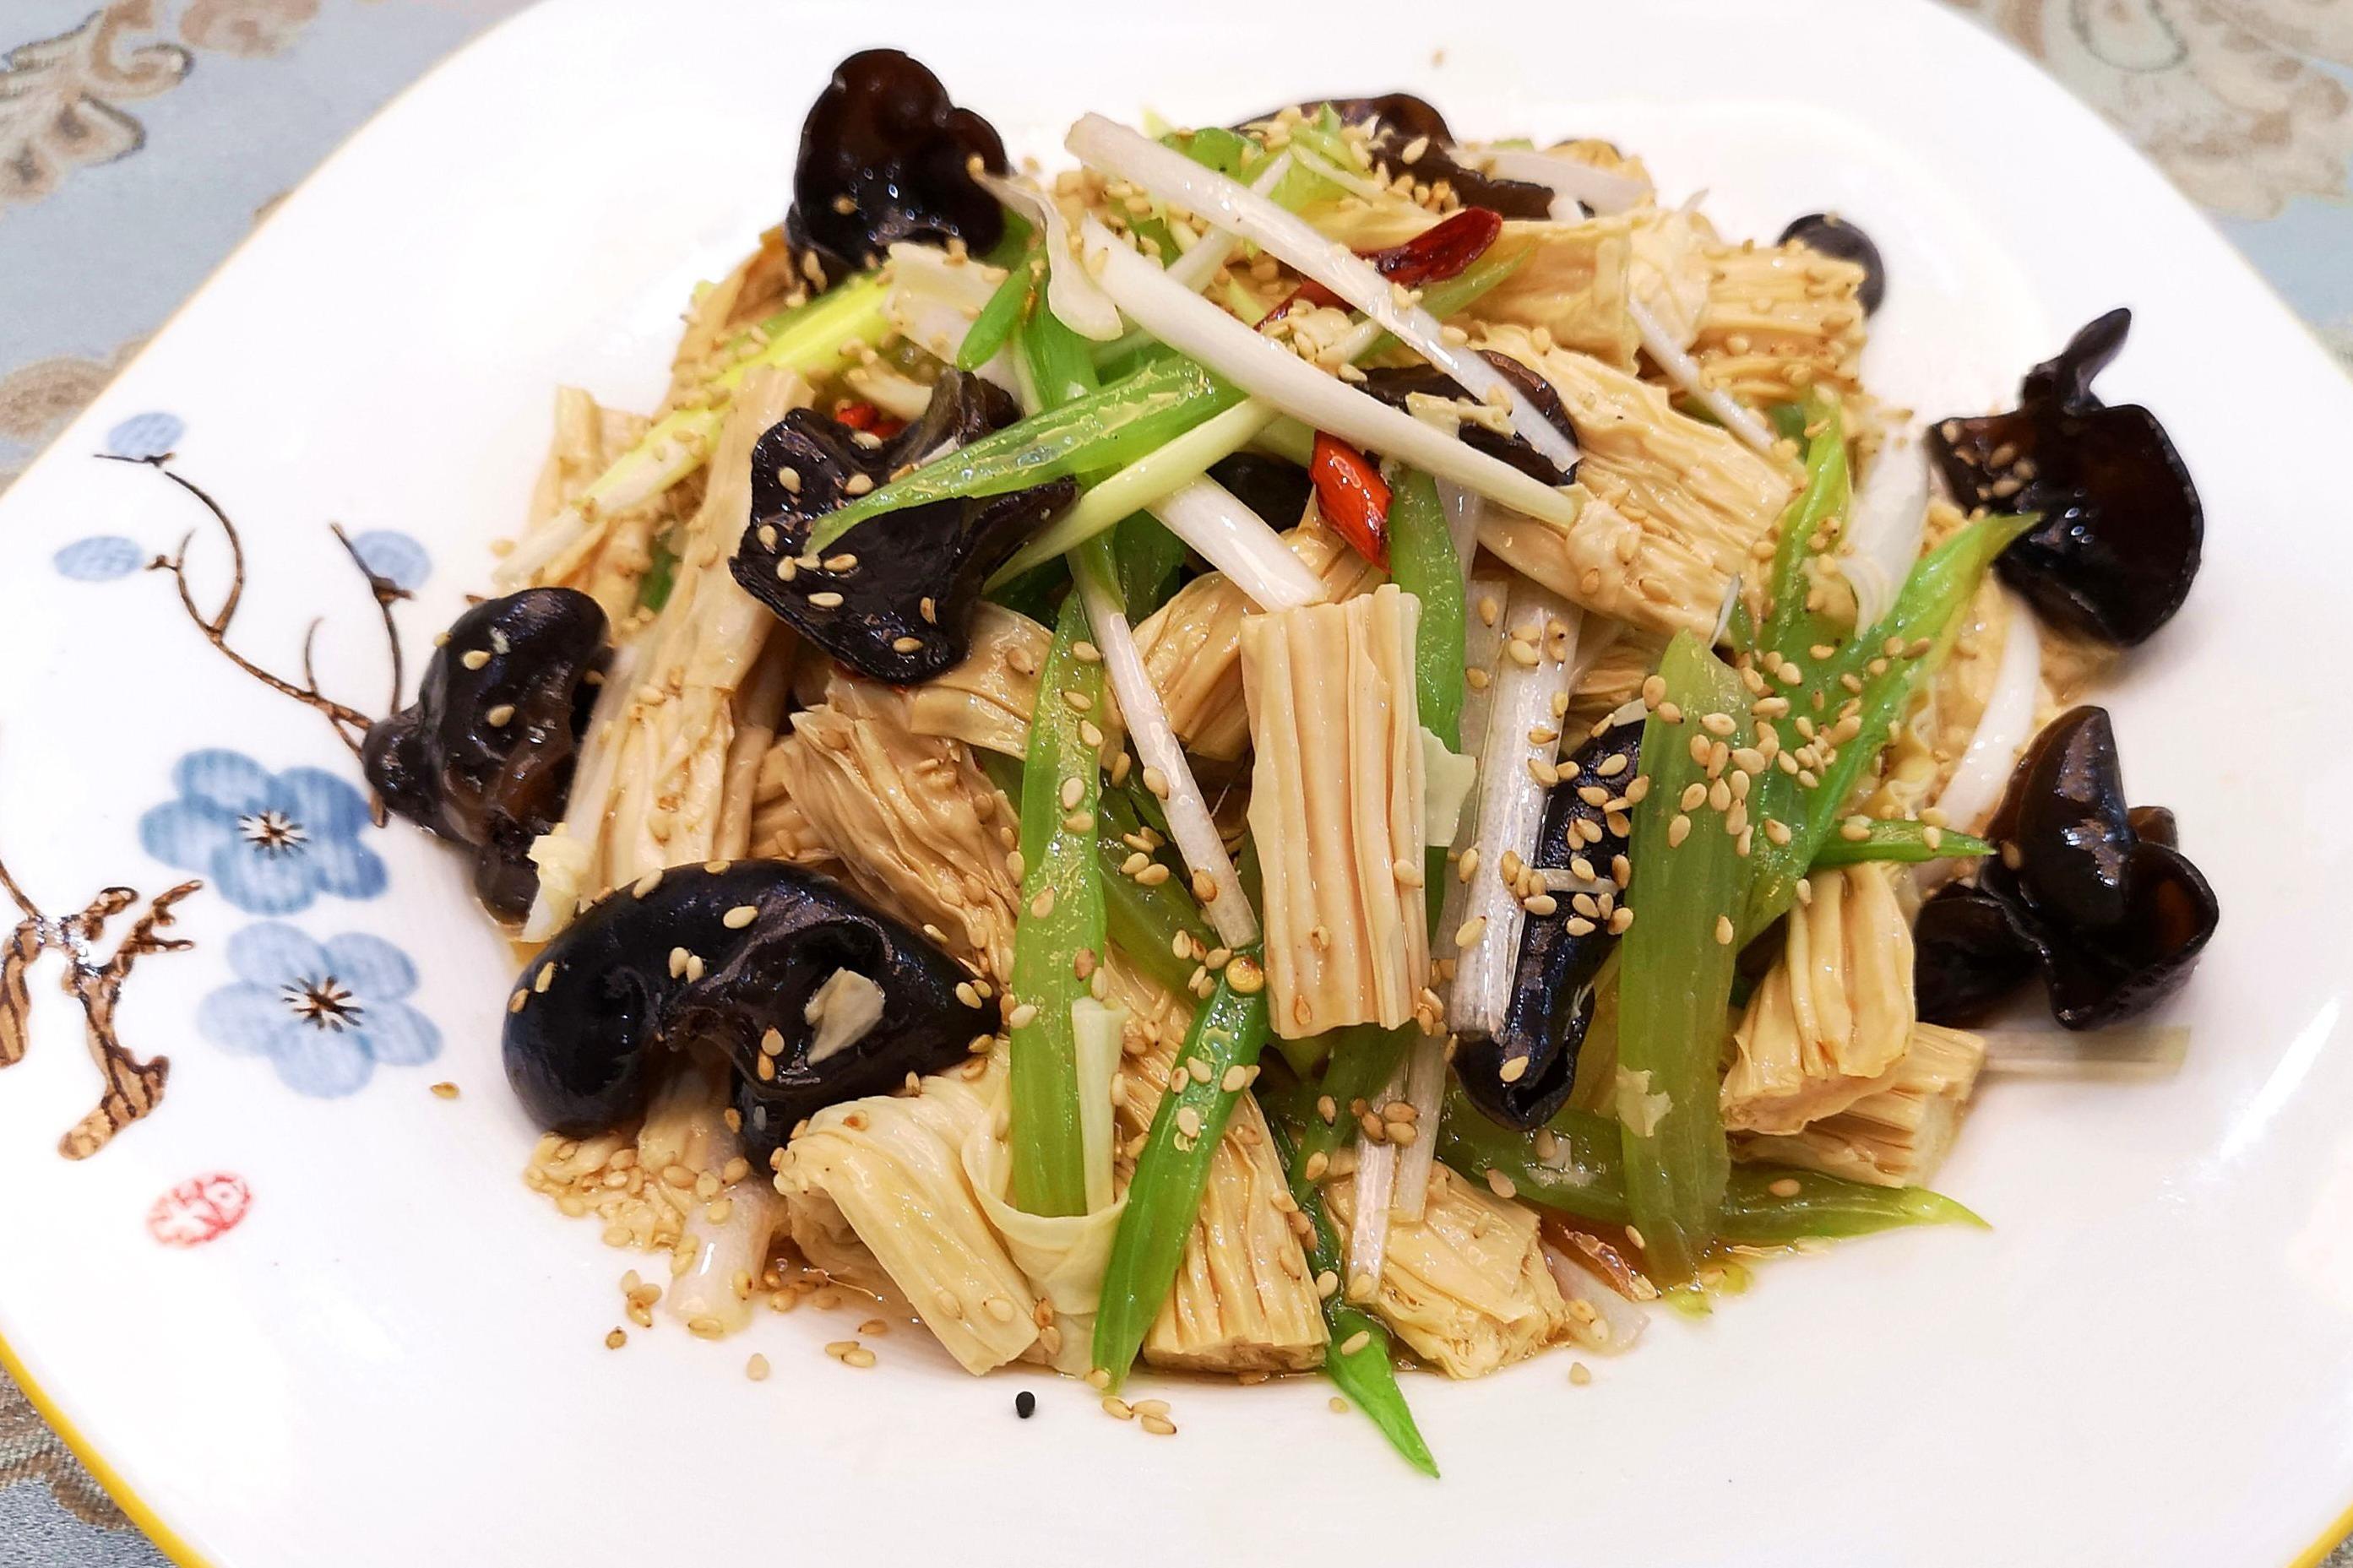 陈育嬬木耳艱�i�z�����+.Z��_腐竹别炒着吃了,配黑木耳和芹菜,这样简单一做,一大盘都不够吃